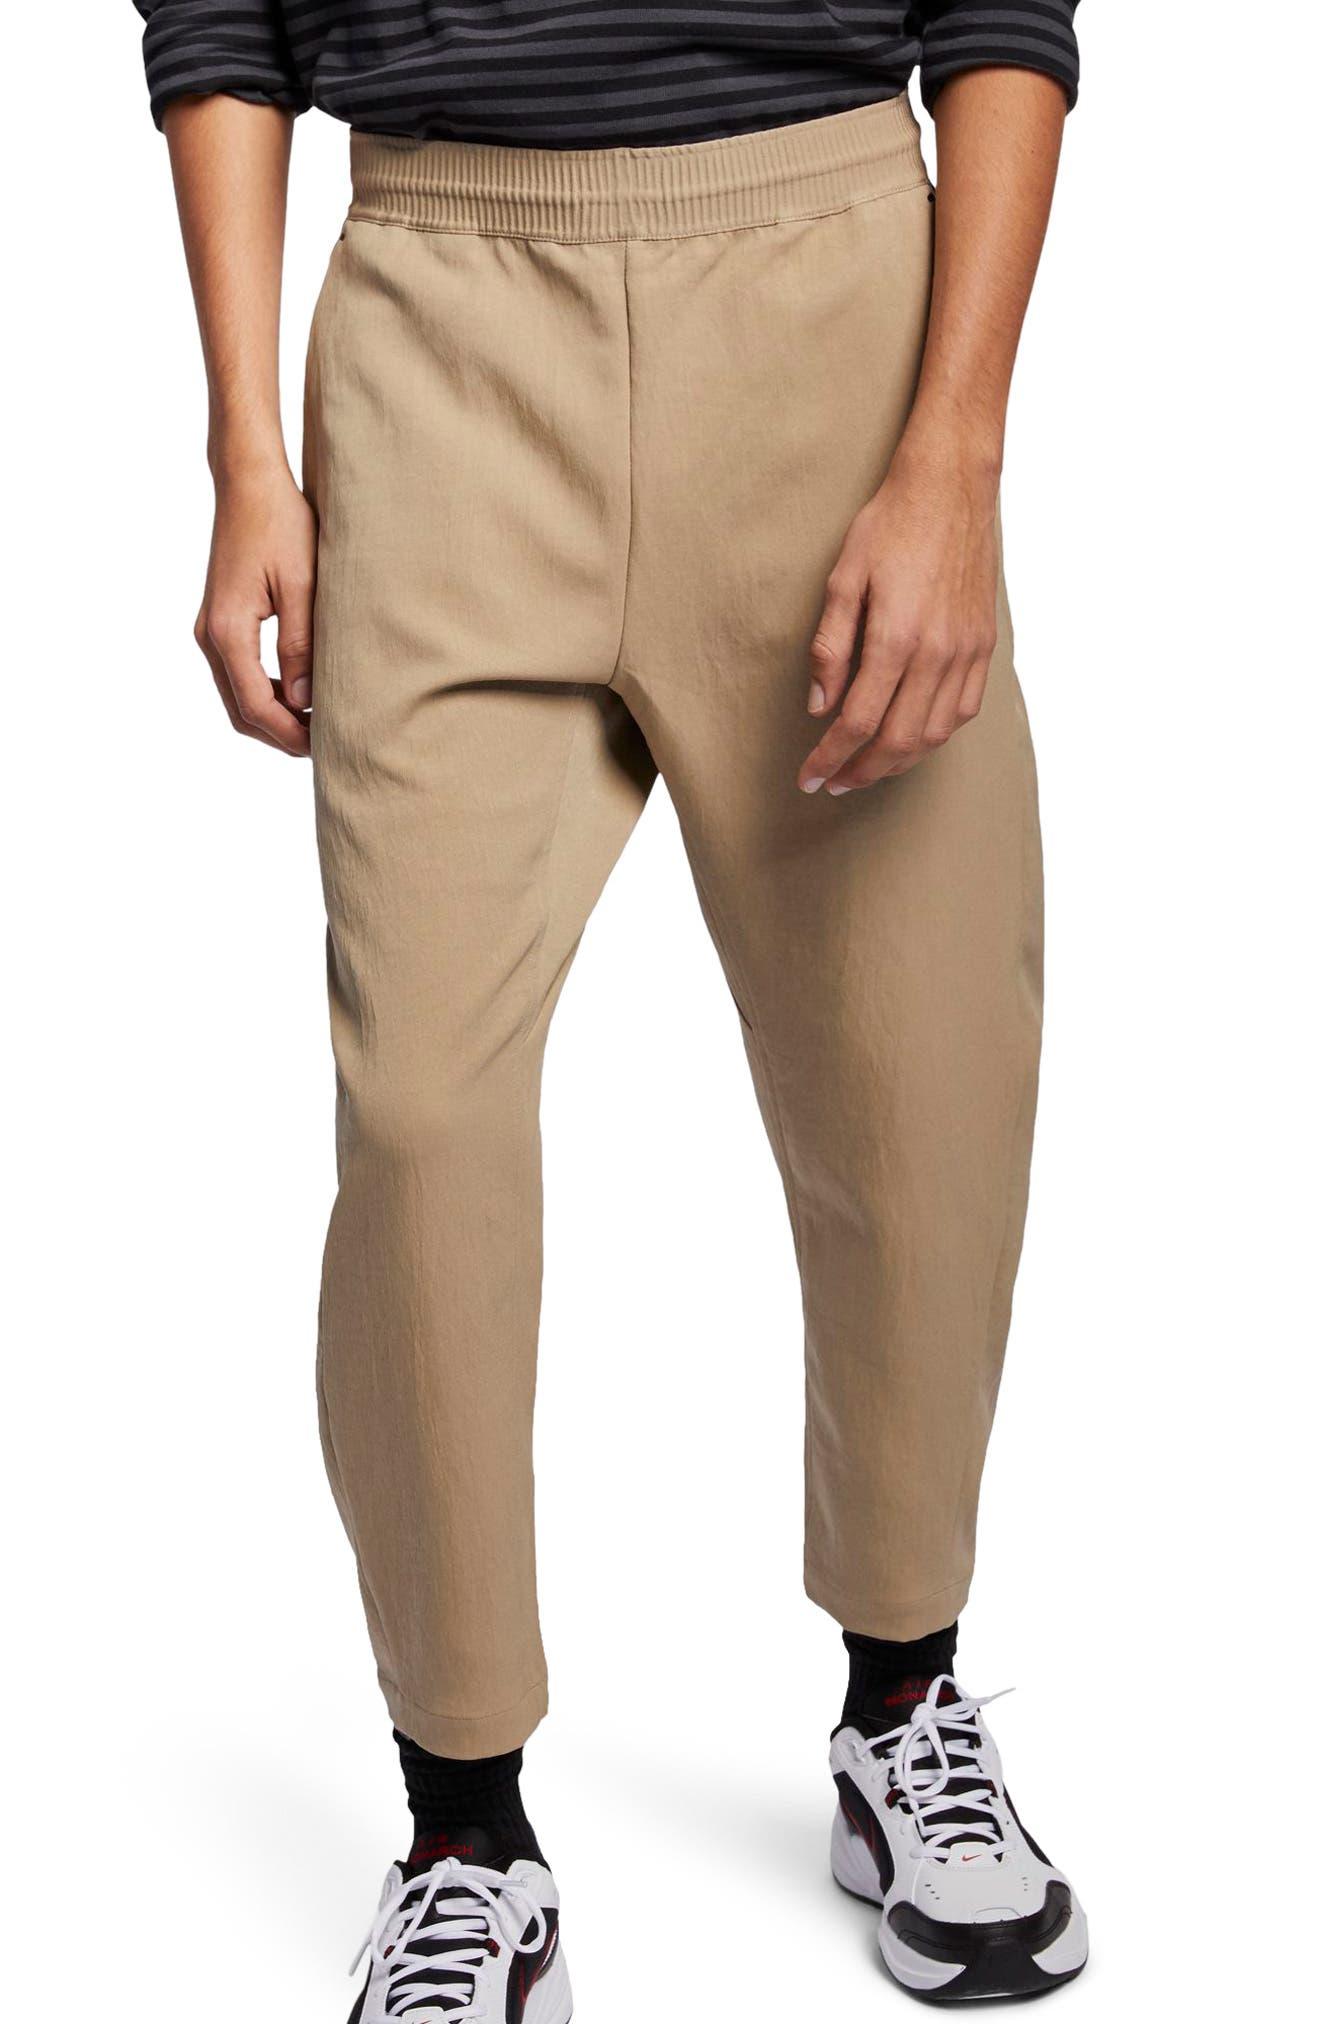 NIKE Sportswear Tech Pack Men's Crop Woven Pants, Main, color, KHAKI/ KHAKI/ BLACK